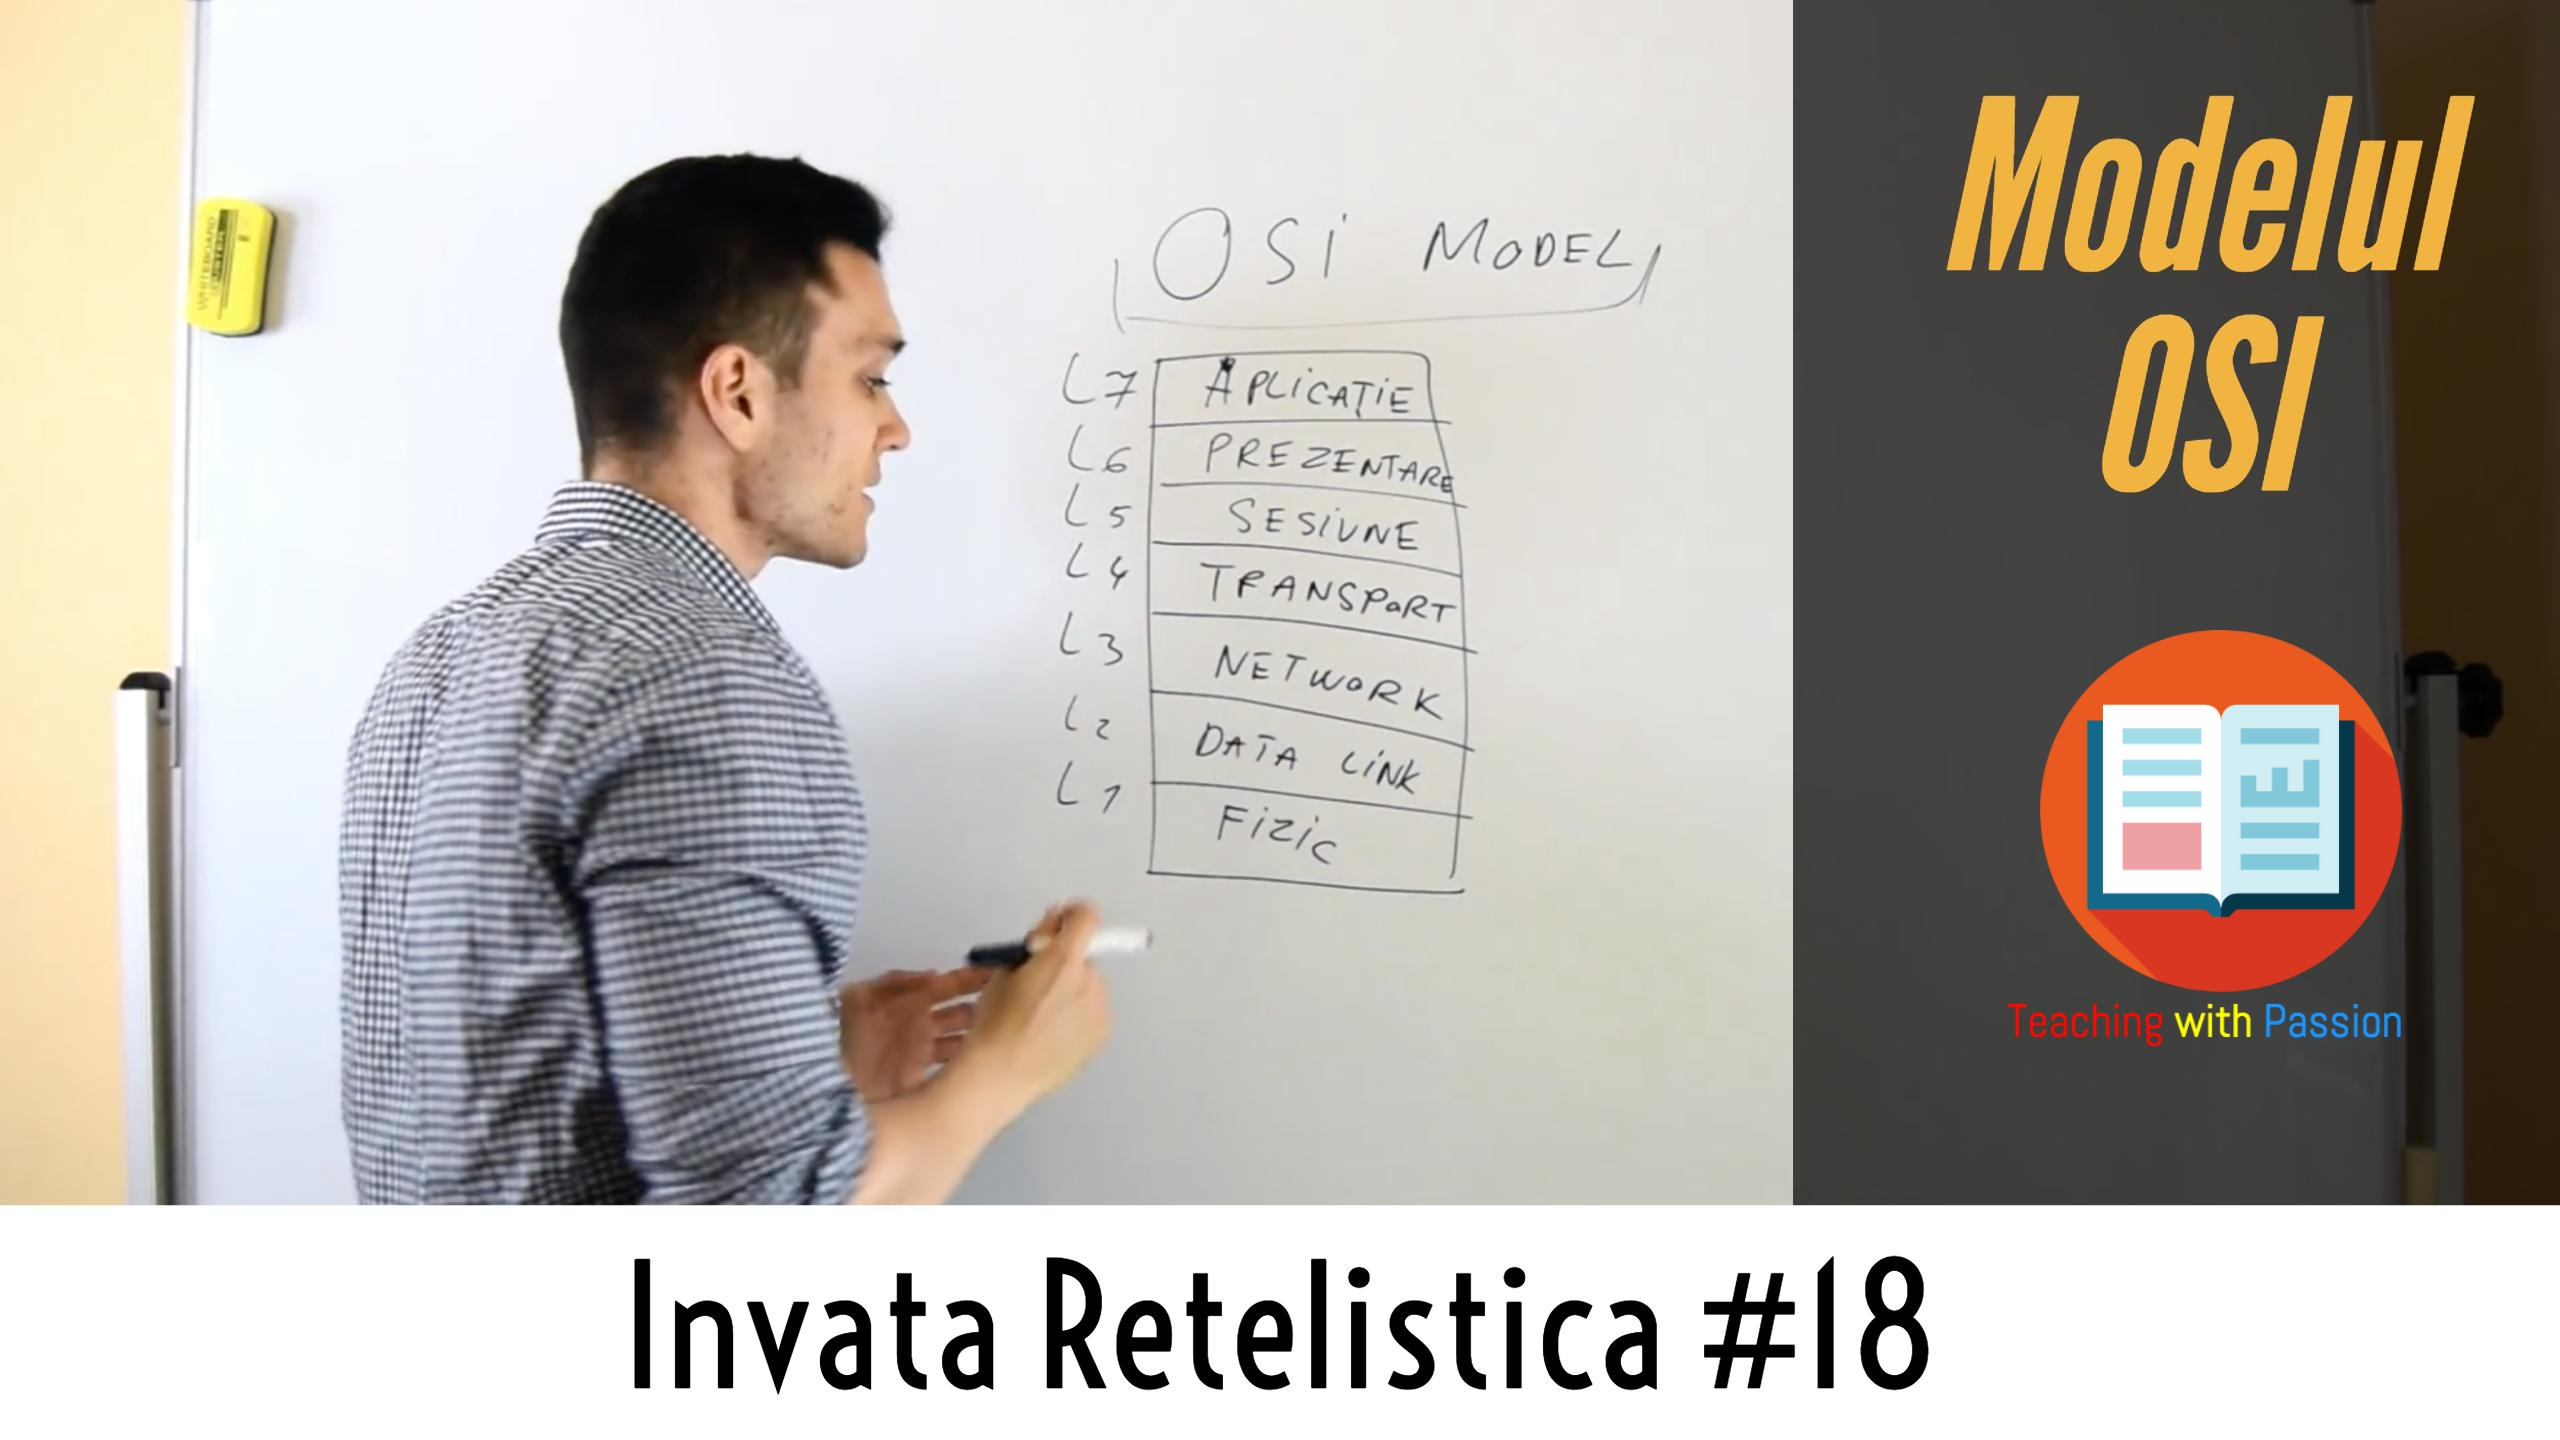 🌍 Ce este Modelul OSI si care sunt cele 7 Nivele ale acestuia ? | Invata Retelistica #18